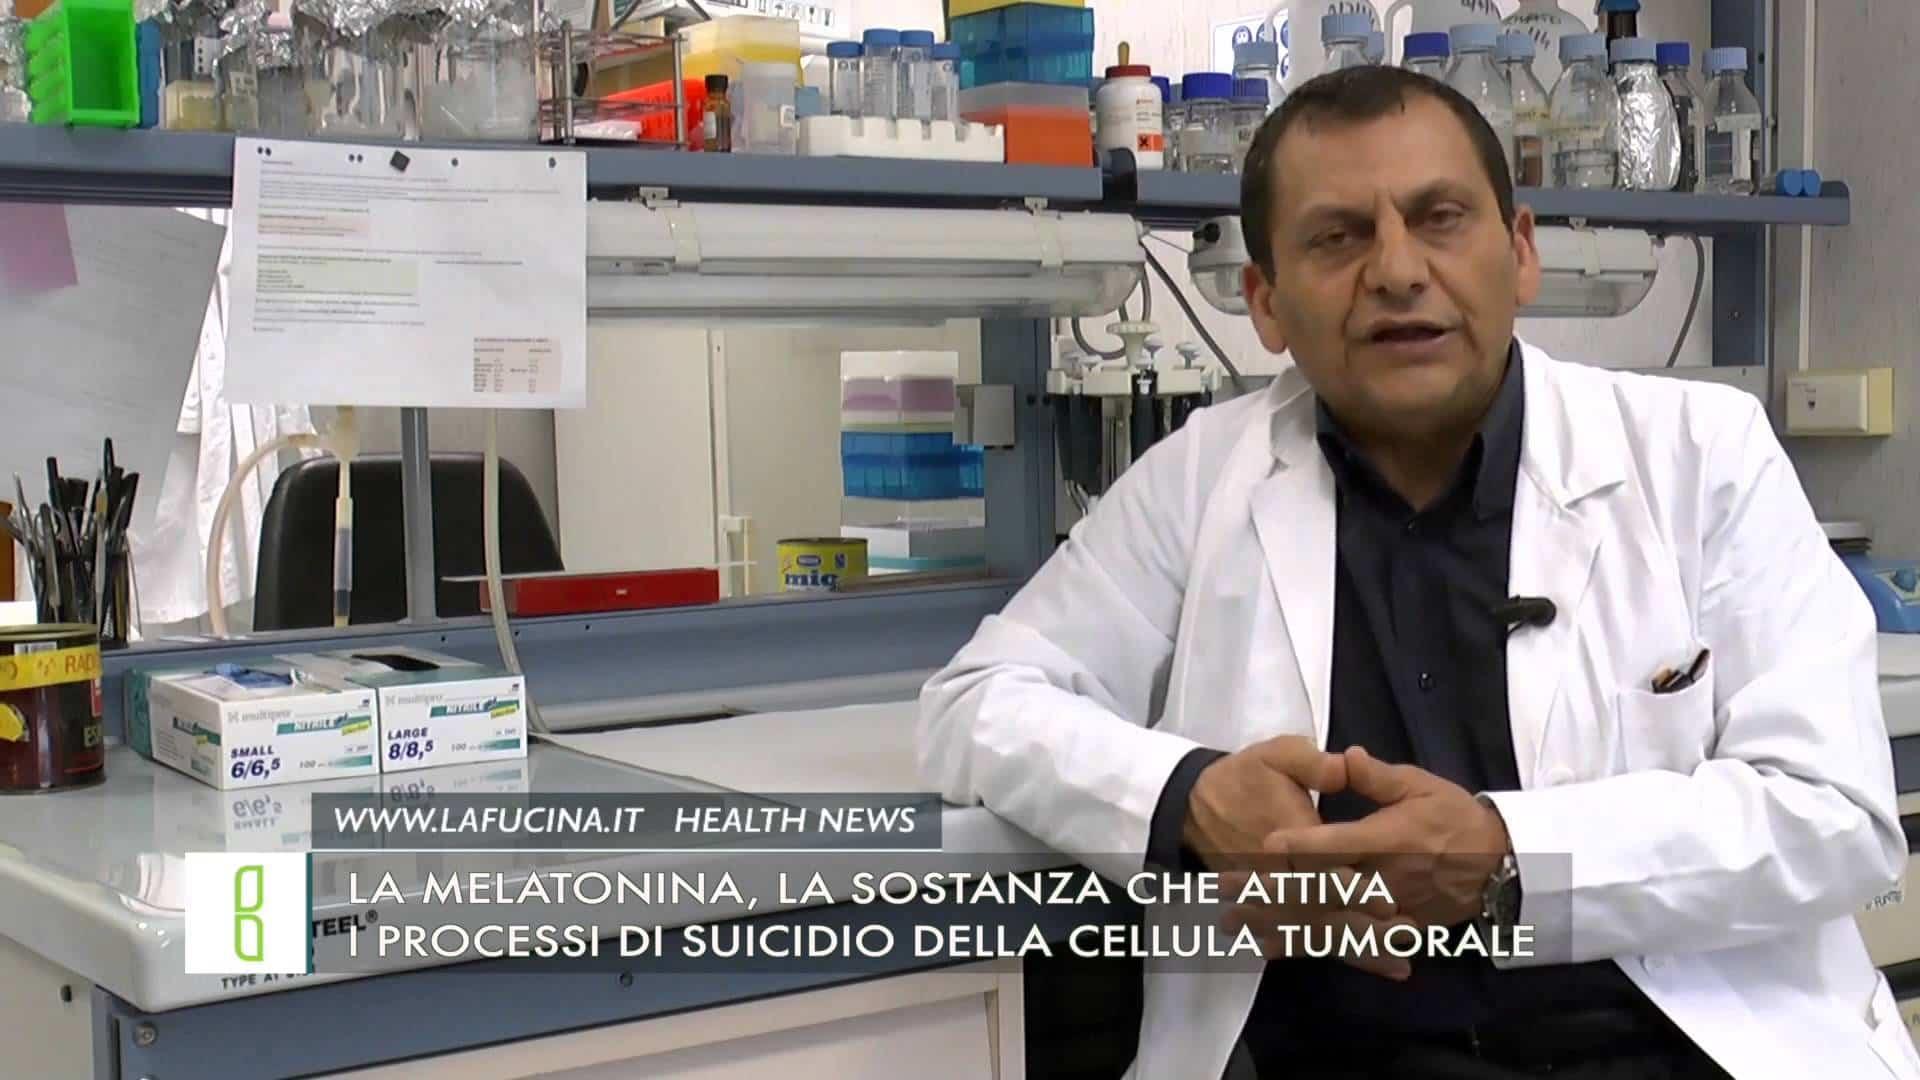 """La Melatonina fa""""suicidare""""le cellule tumorali. Ecco dove si trova"""